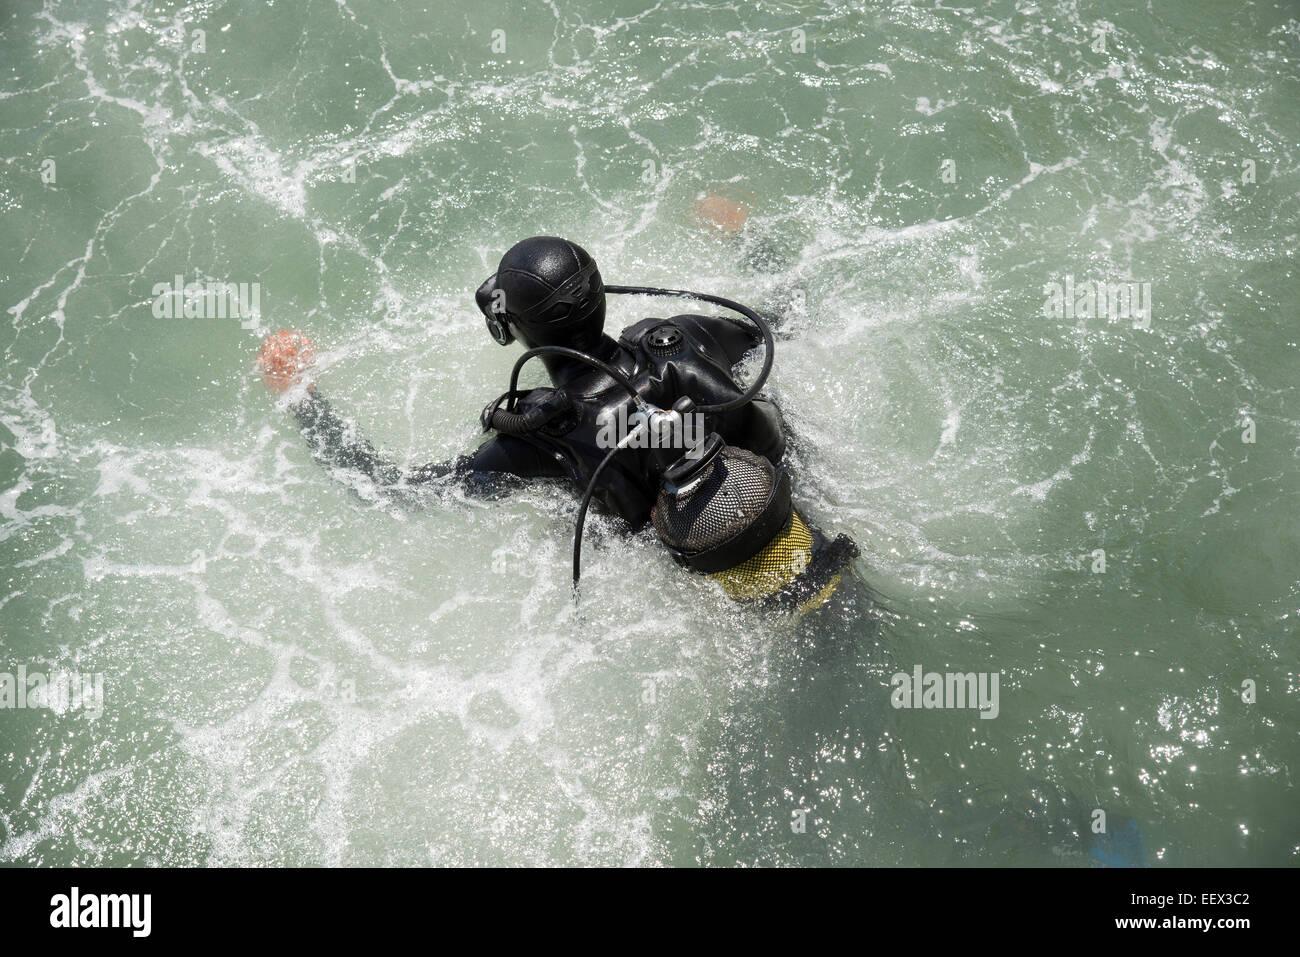 Plongeur commercial entrant dans l'eau avec une éclaboussure Photo Stock